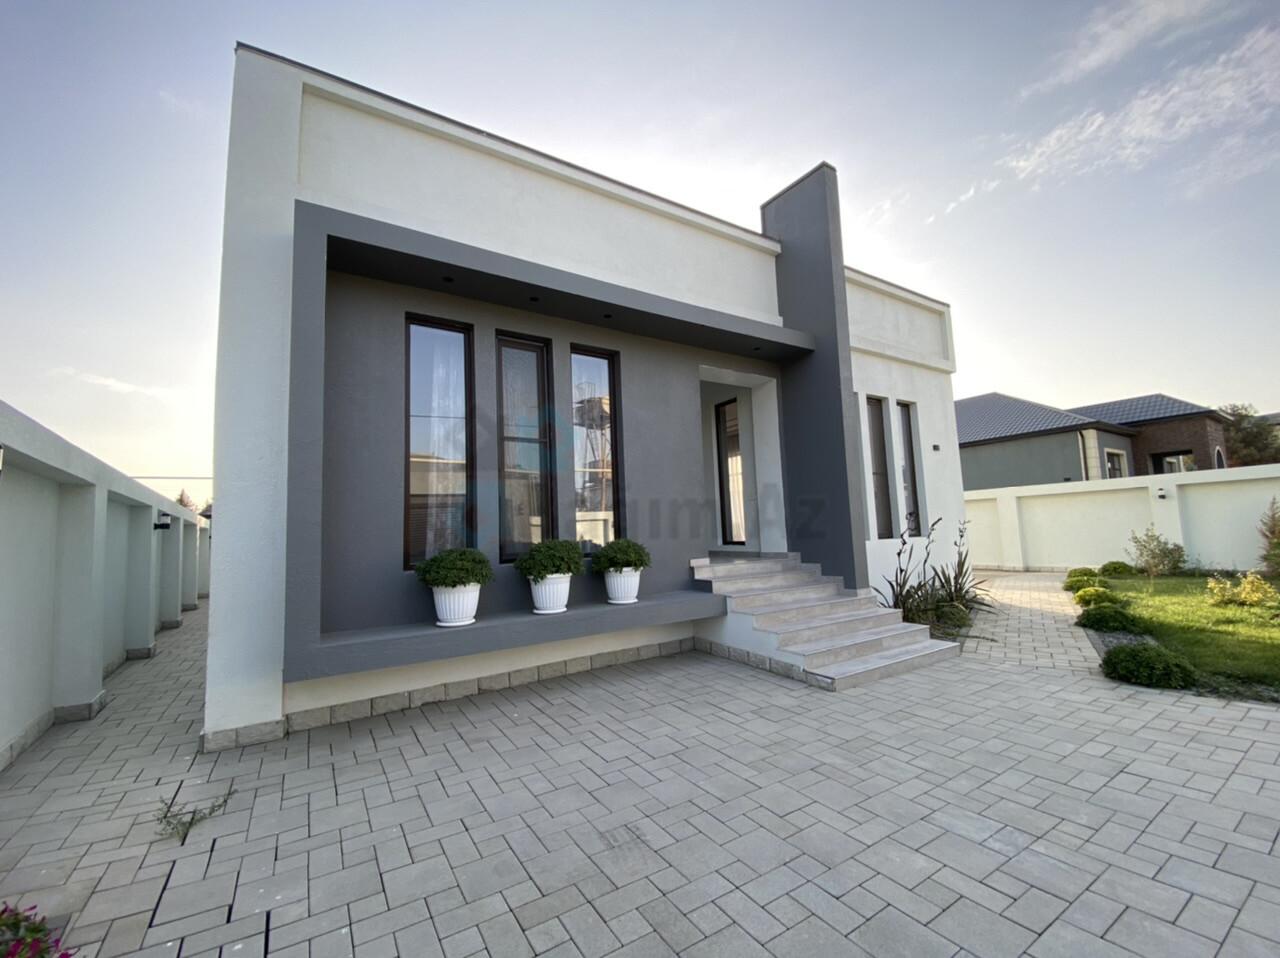 Mərdəkanda 6 sotda yeni modern bağ evi 158.800$